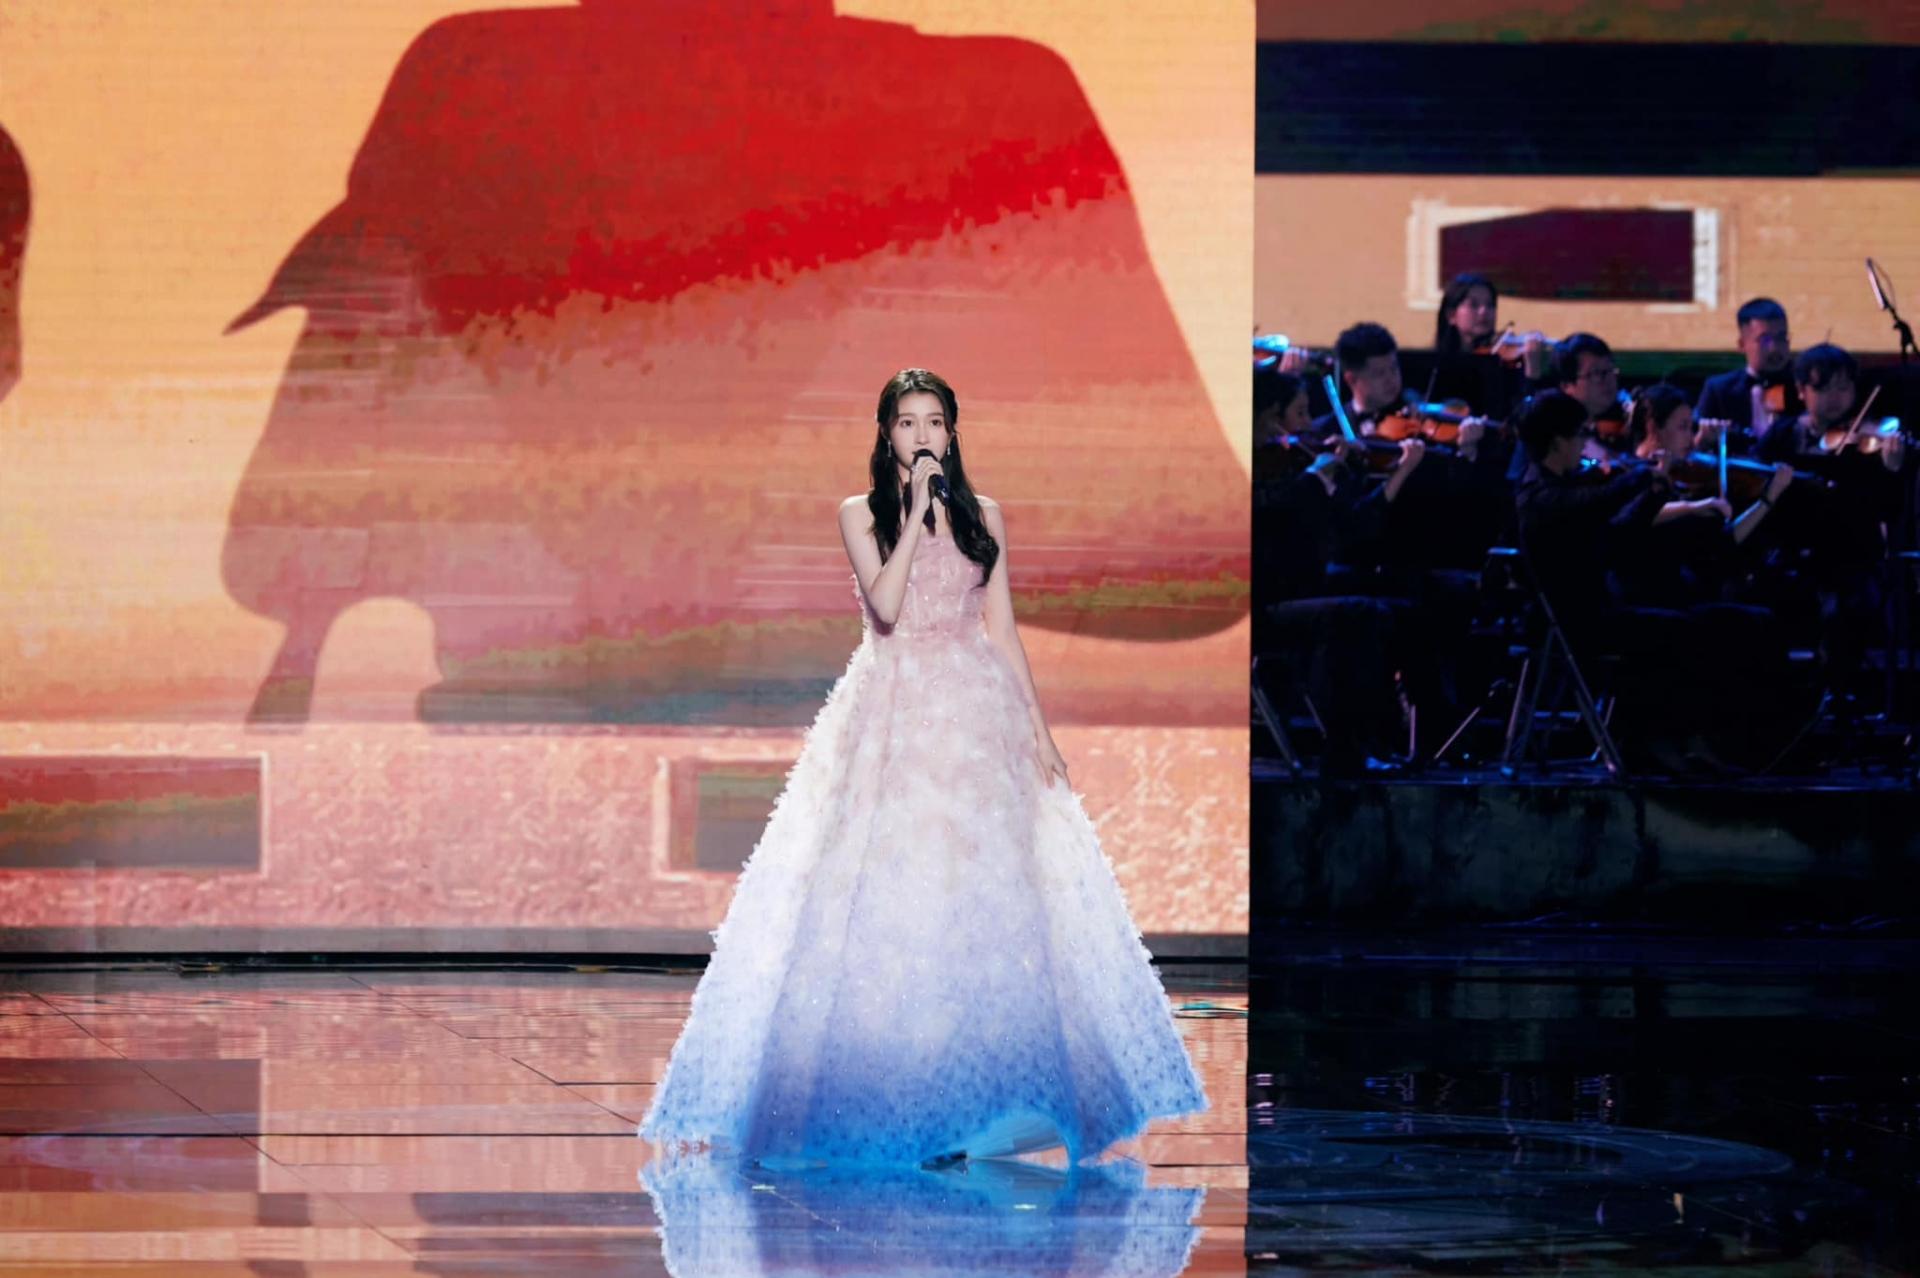 Không phải Dương Mịch hay Phạm Băng Băng, Quan Hiểu Đồng mới là 'ngọc nữ' Cbiz, khoảnh khắc thảm đỏ này đã phơi bày sự thật? 8